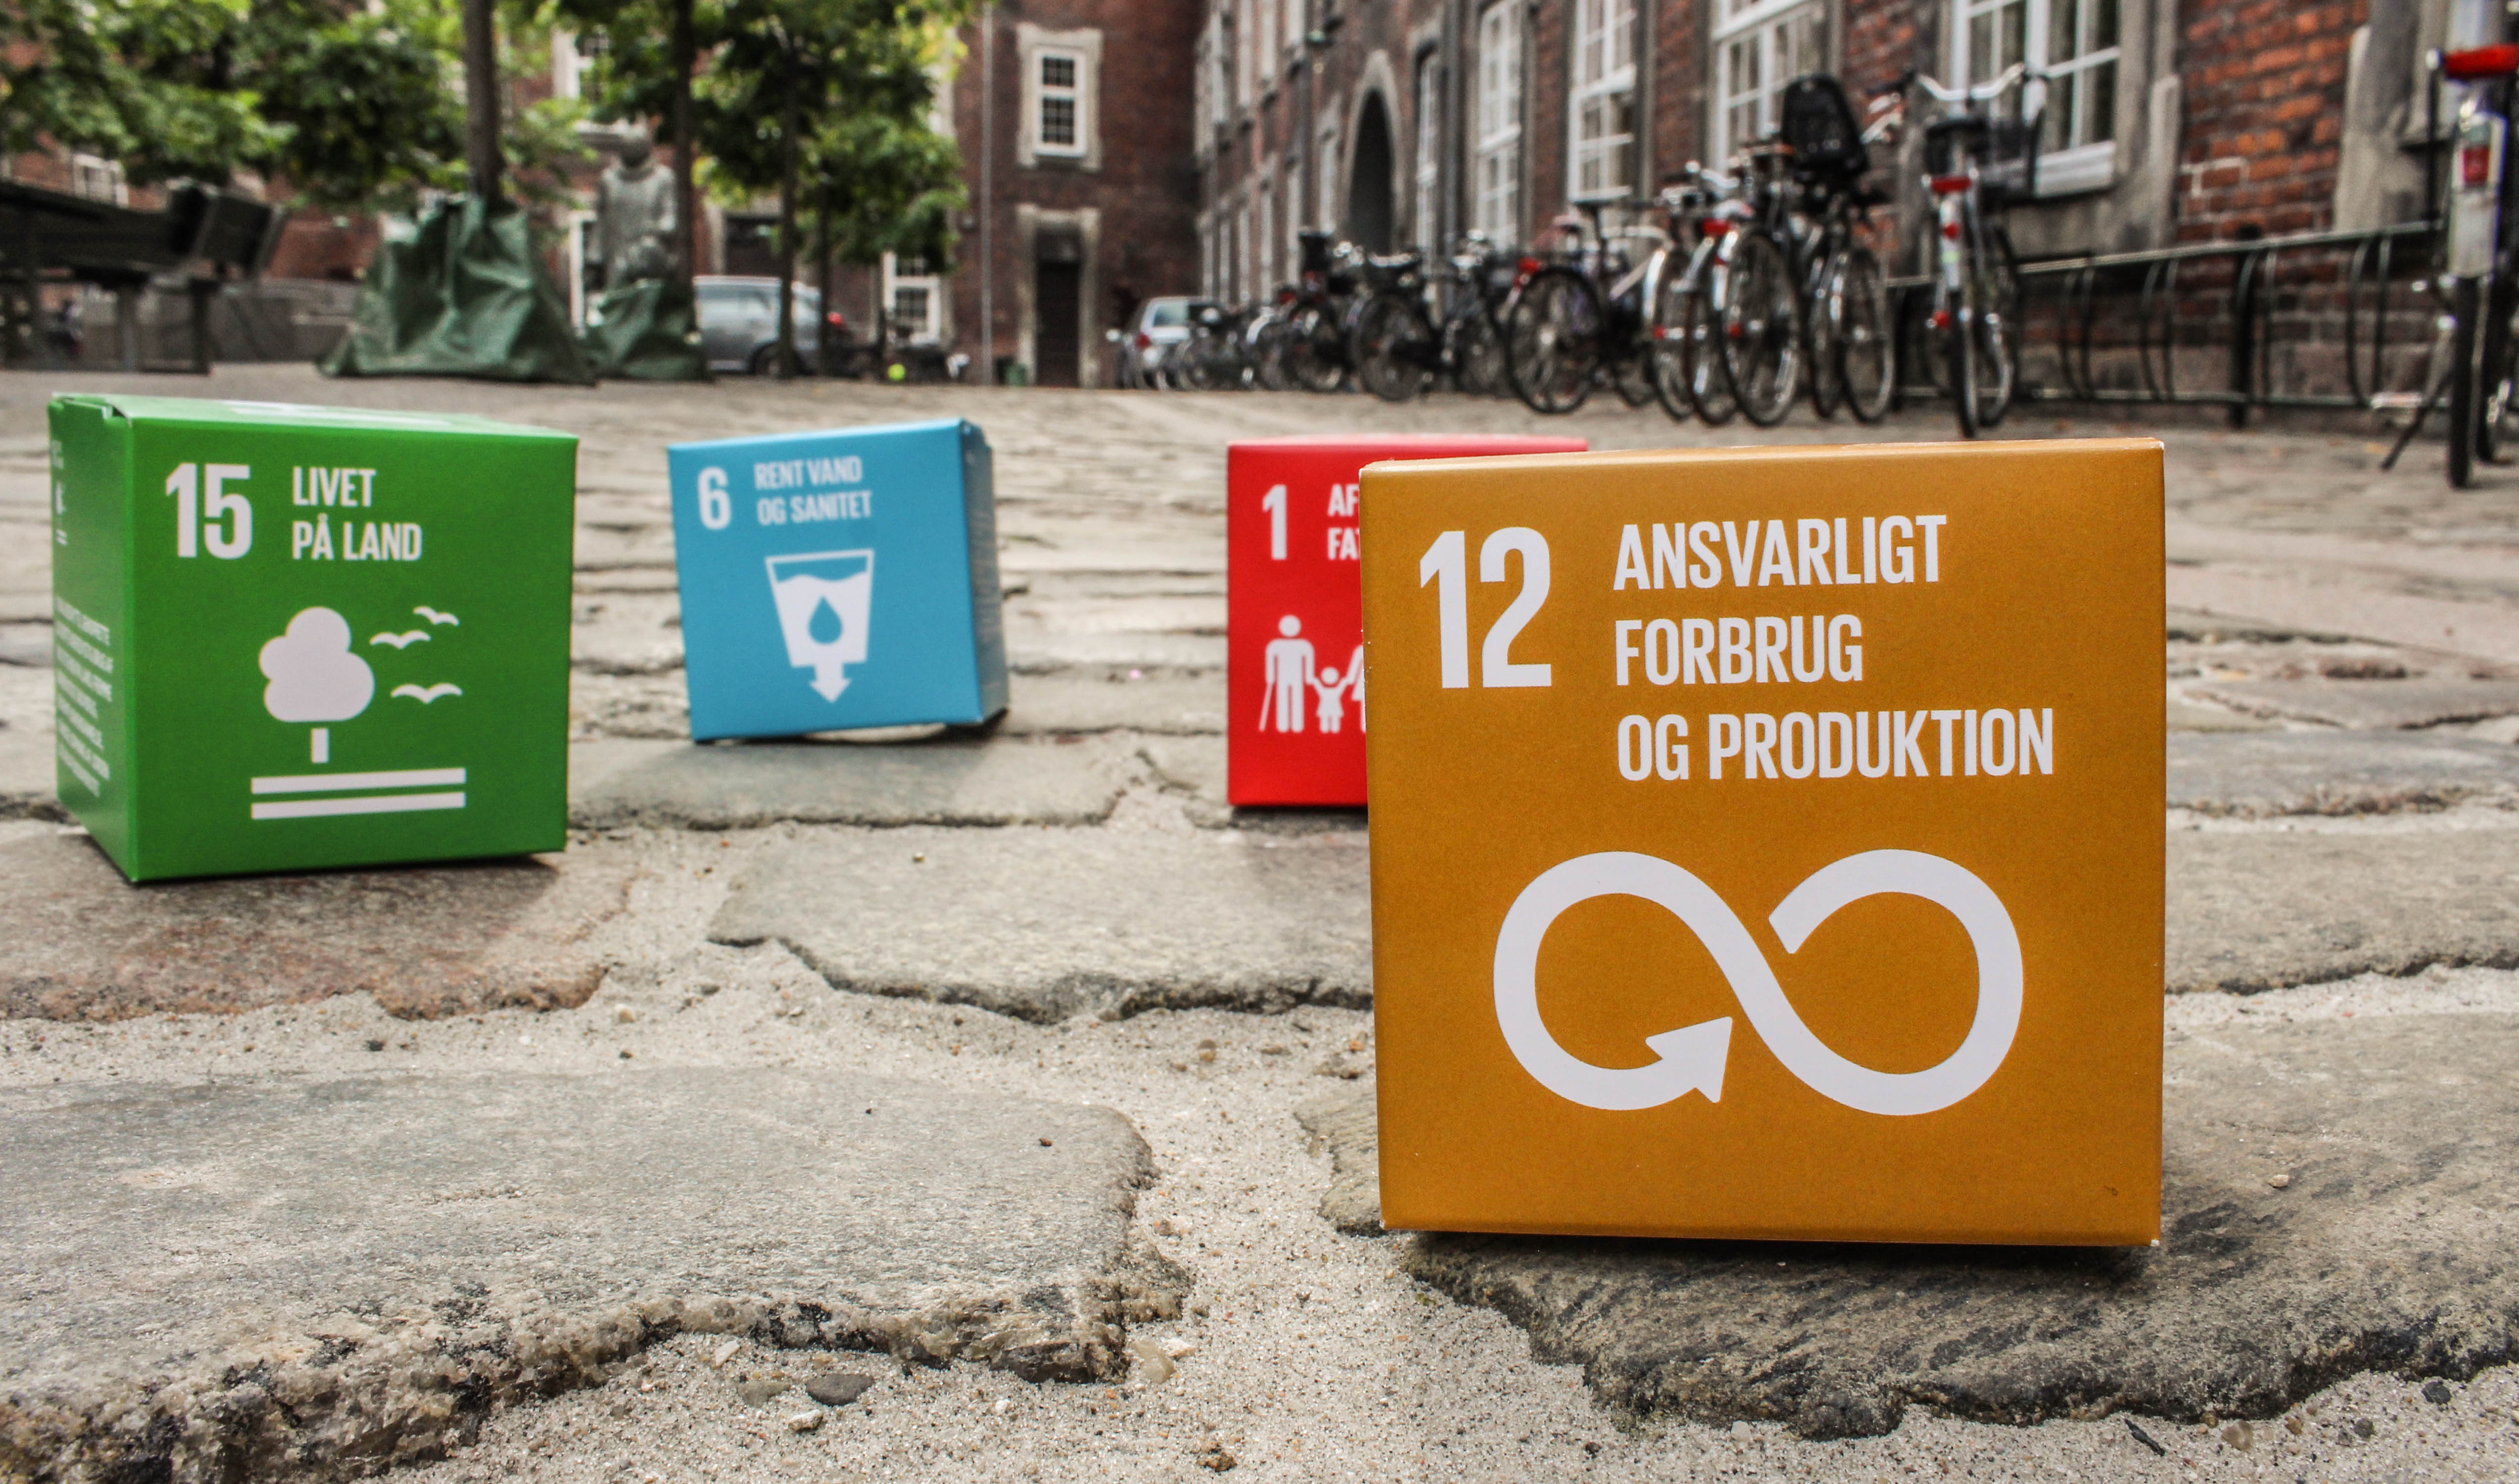 Odense Kommune har netop belønnet virksomheden Plus Pack A/S for deres arbejde med Verdensmål 12. Foto: Lauge Eilsøe-Madsen